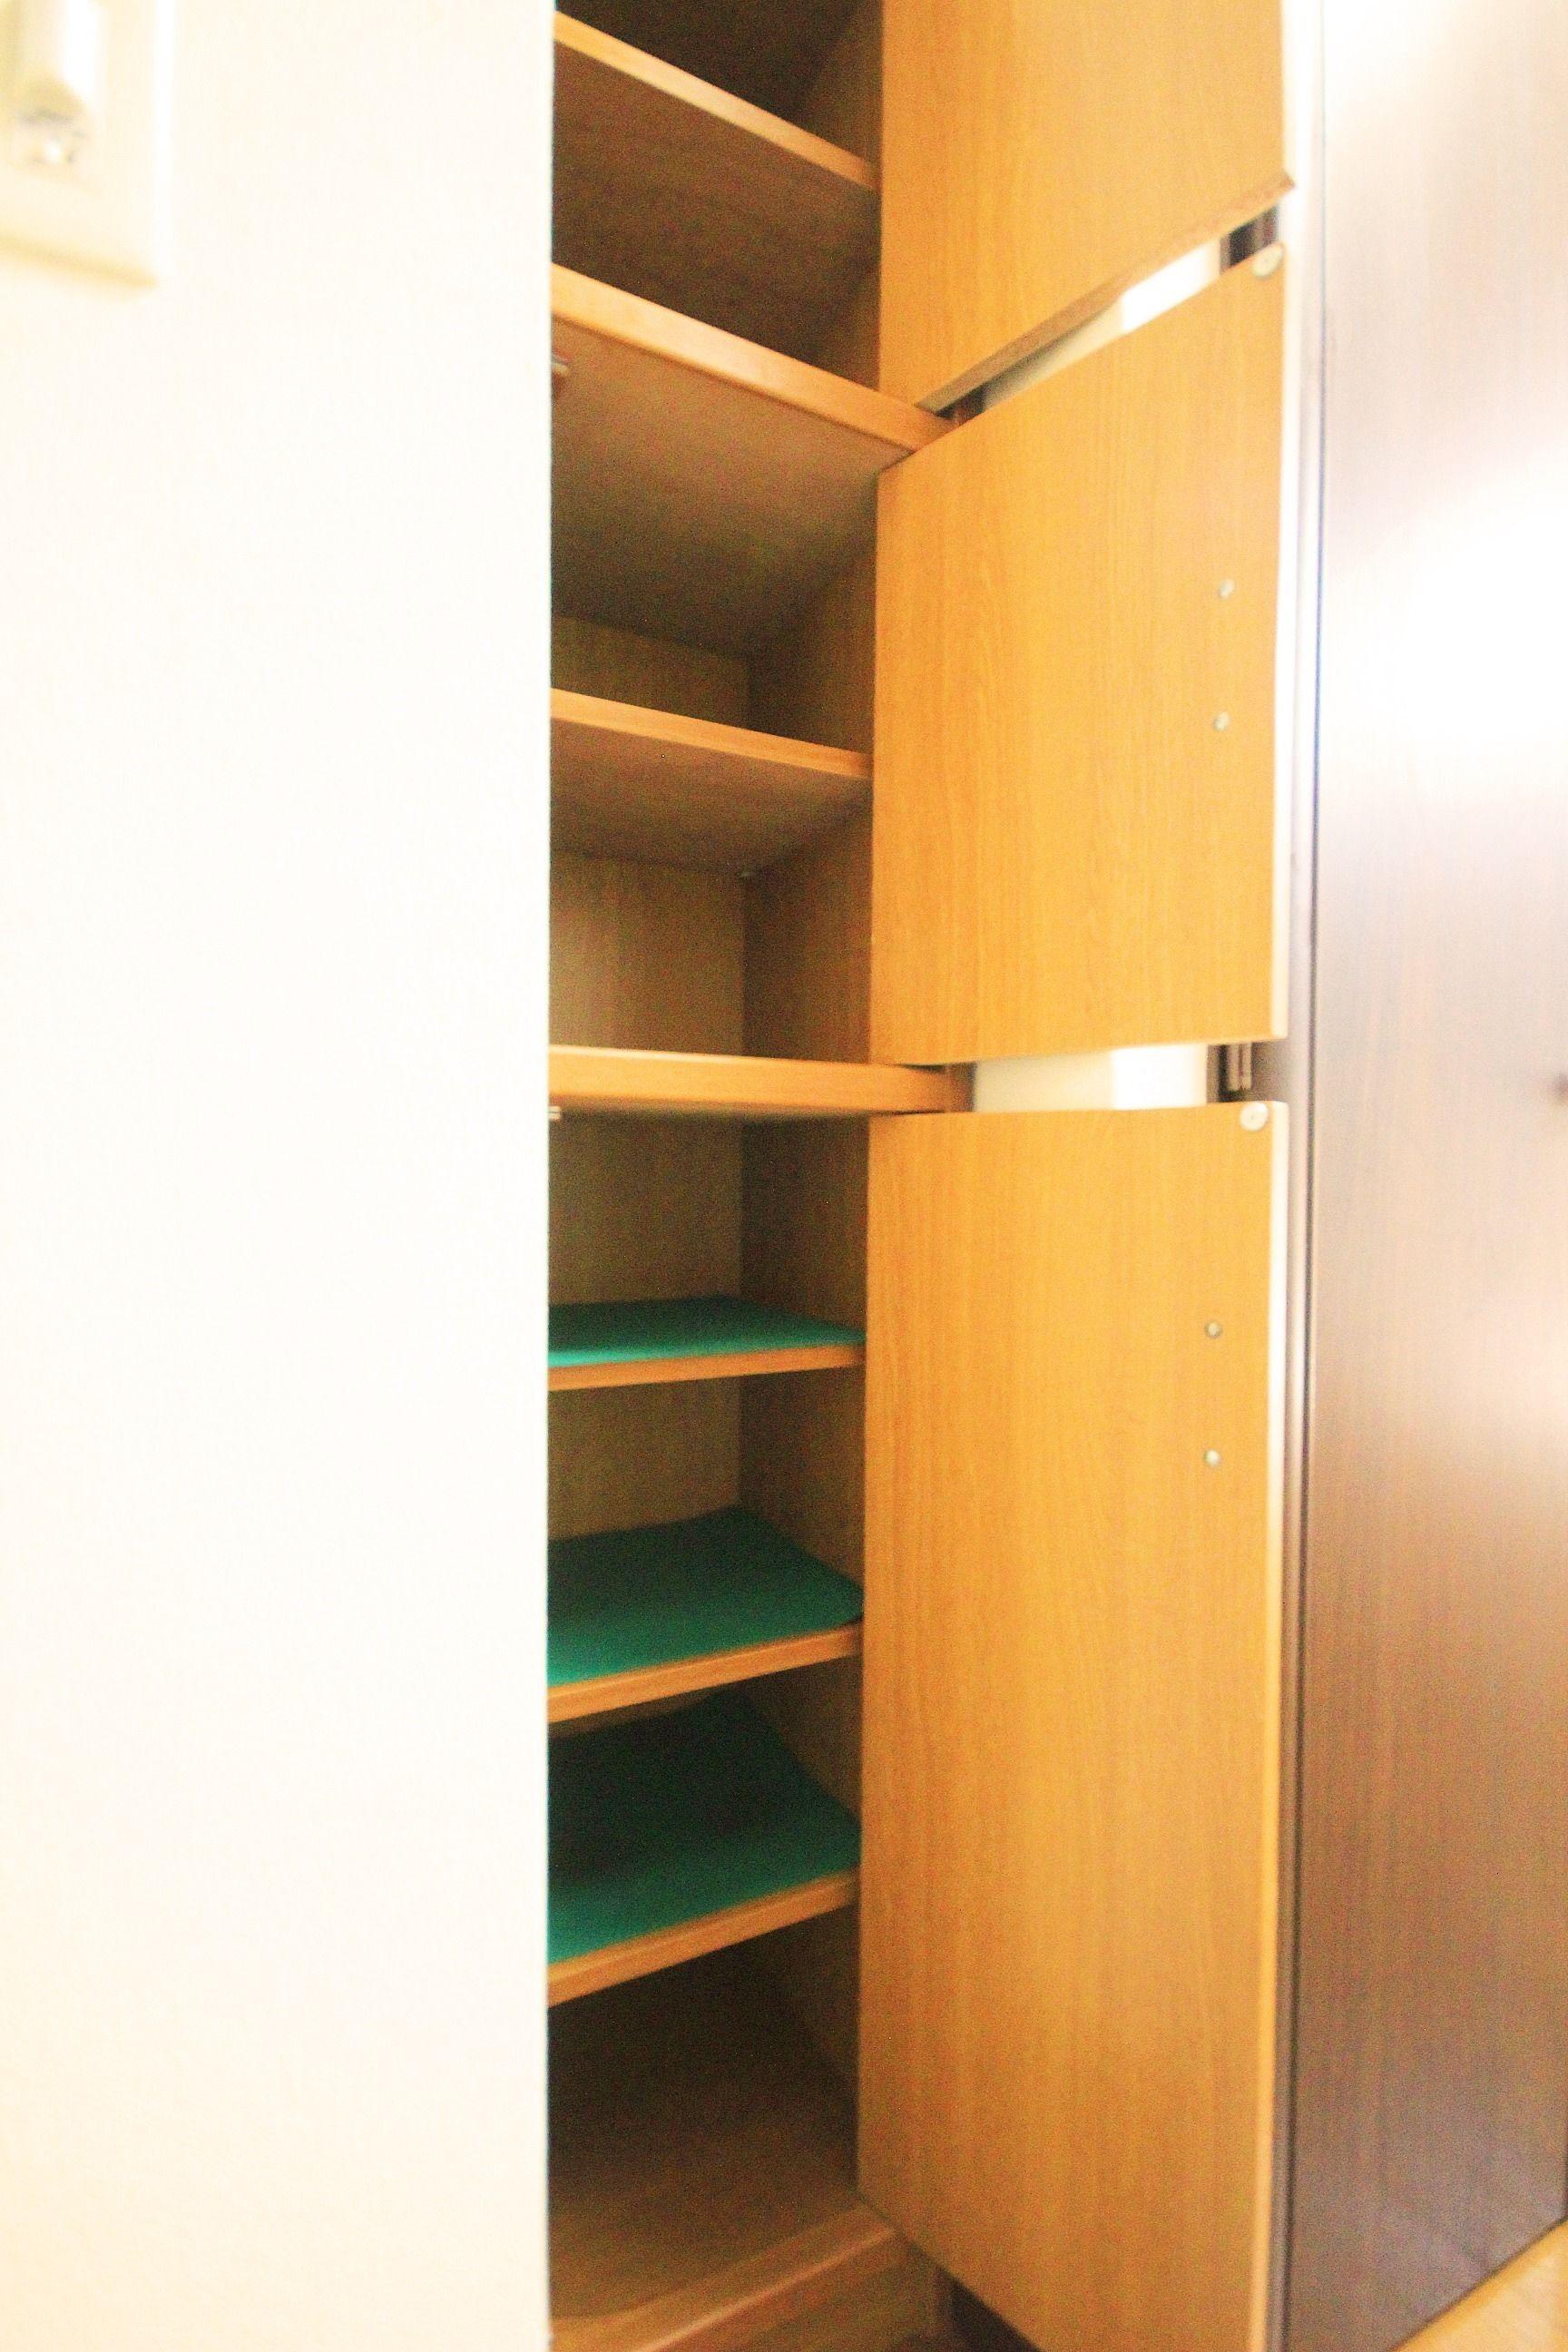 備え付けの下駄箱が付いています。1人暮らしには十分な容量があります。